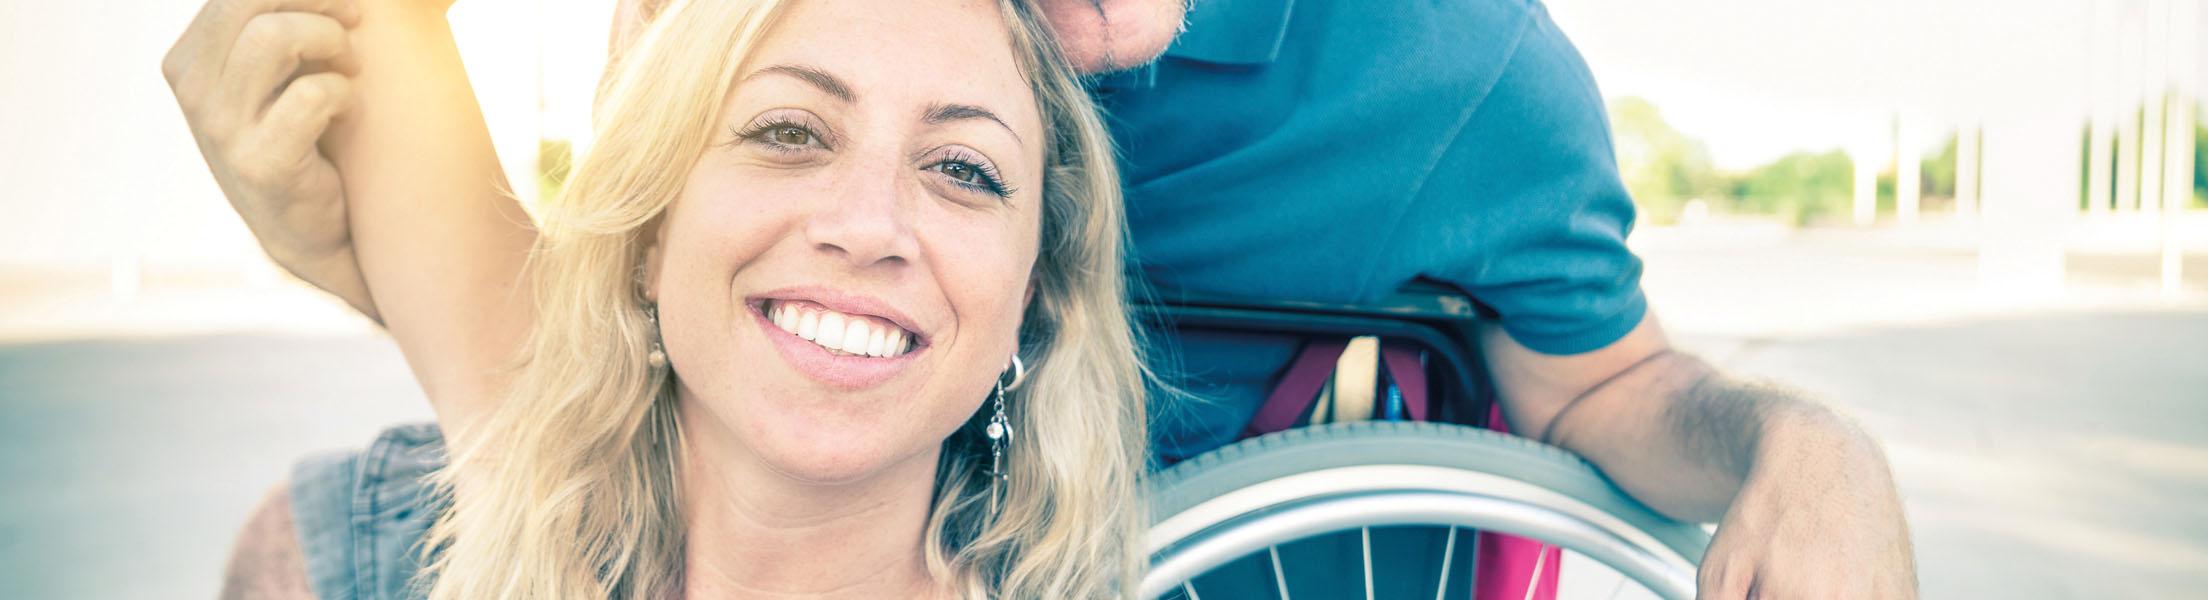 Mann im Rollstuhl und Frau, die ihn begleitet (Symbolfoto für Projekt ASSISTMOBI)